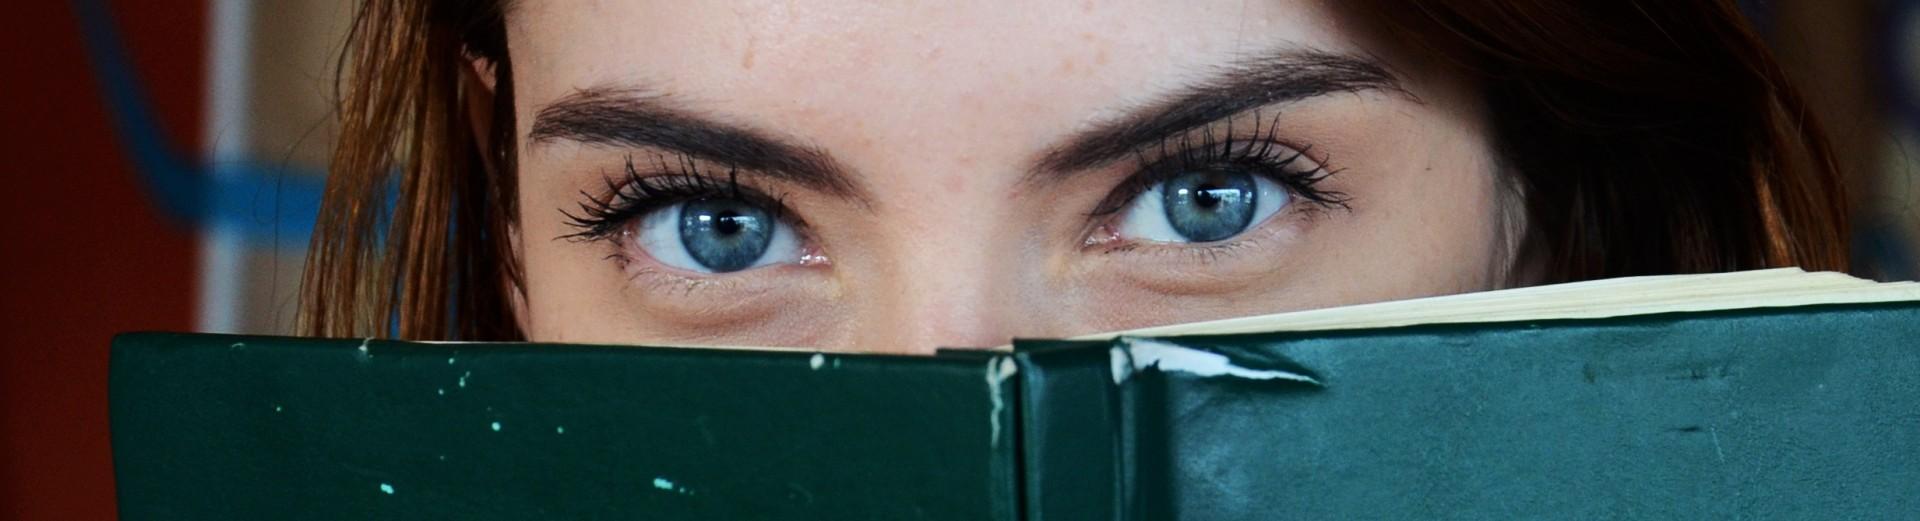 Un láser podrá convertir tus ojos marrones en azules